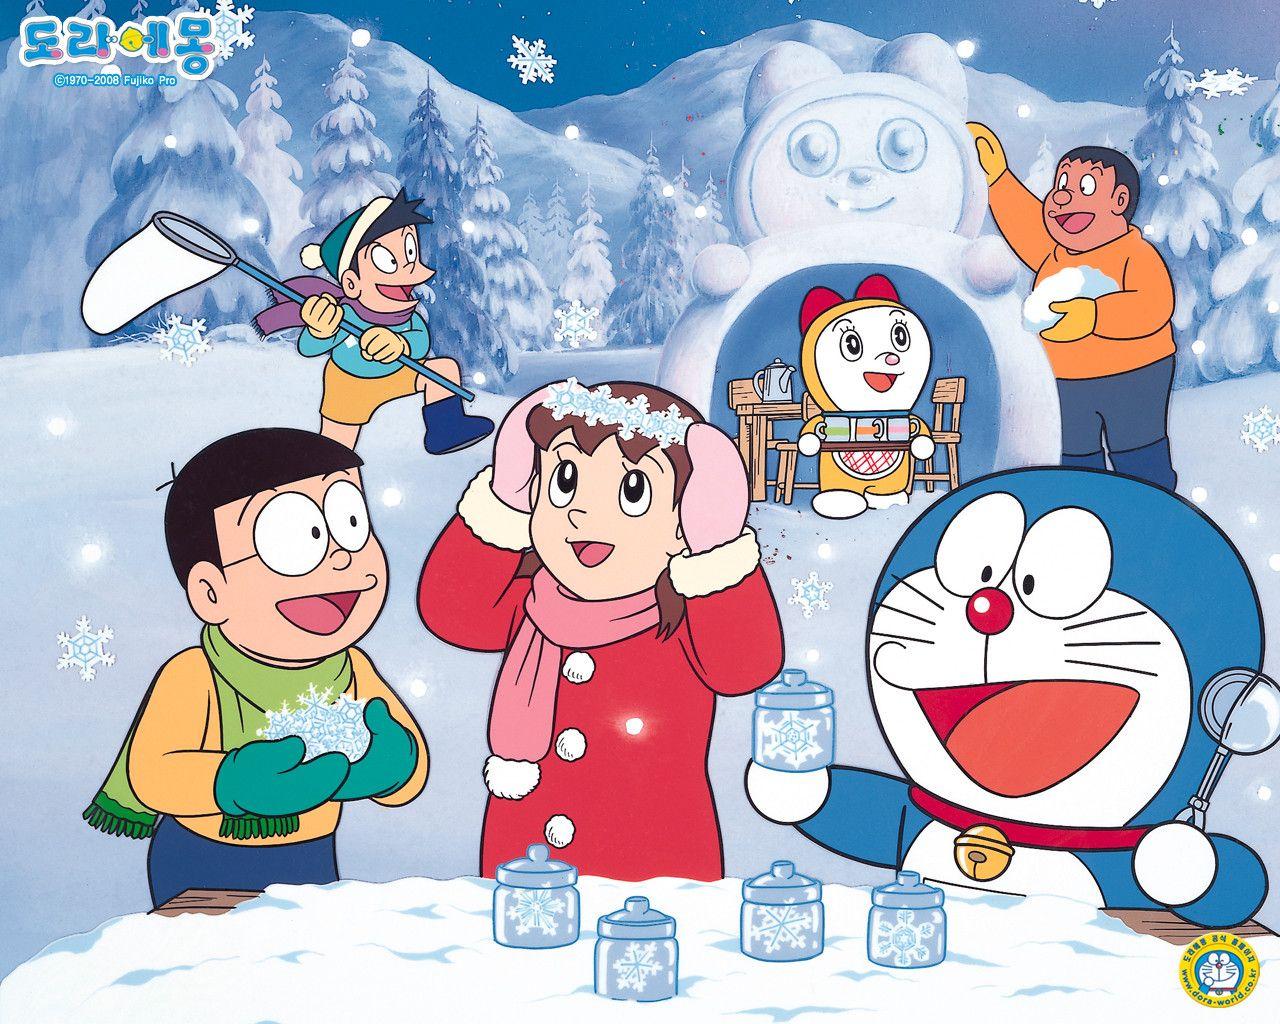 Doraemon Wallpaper Hd Download Cave 3d Wallpapers Doraemon Wallpapers Cartoon Wallpaper Doraemon Cartoon